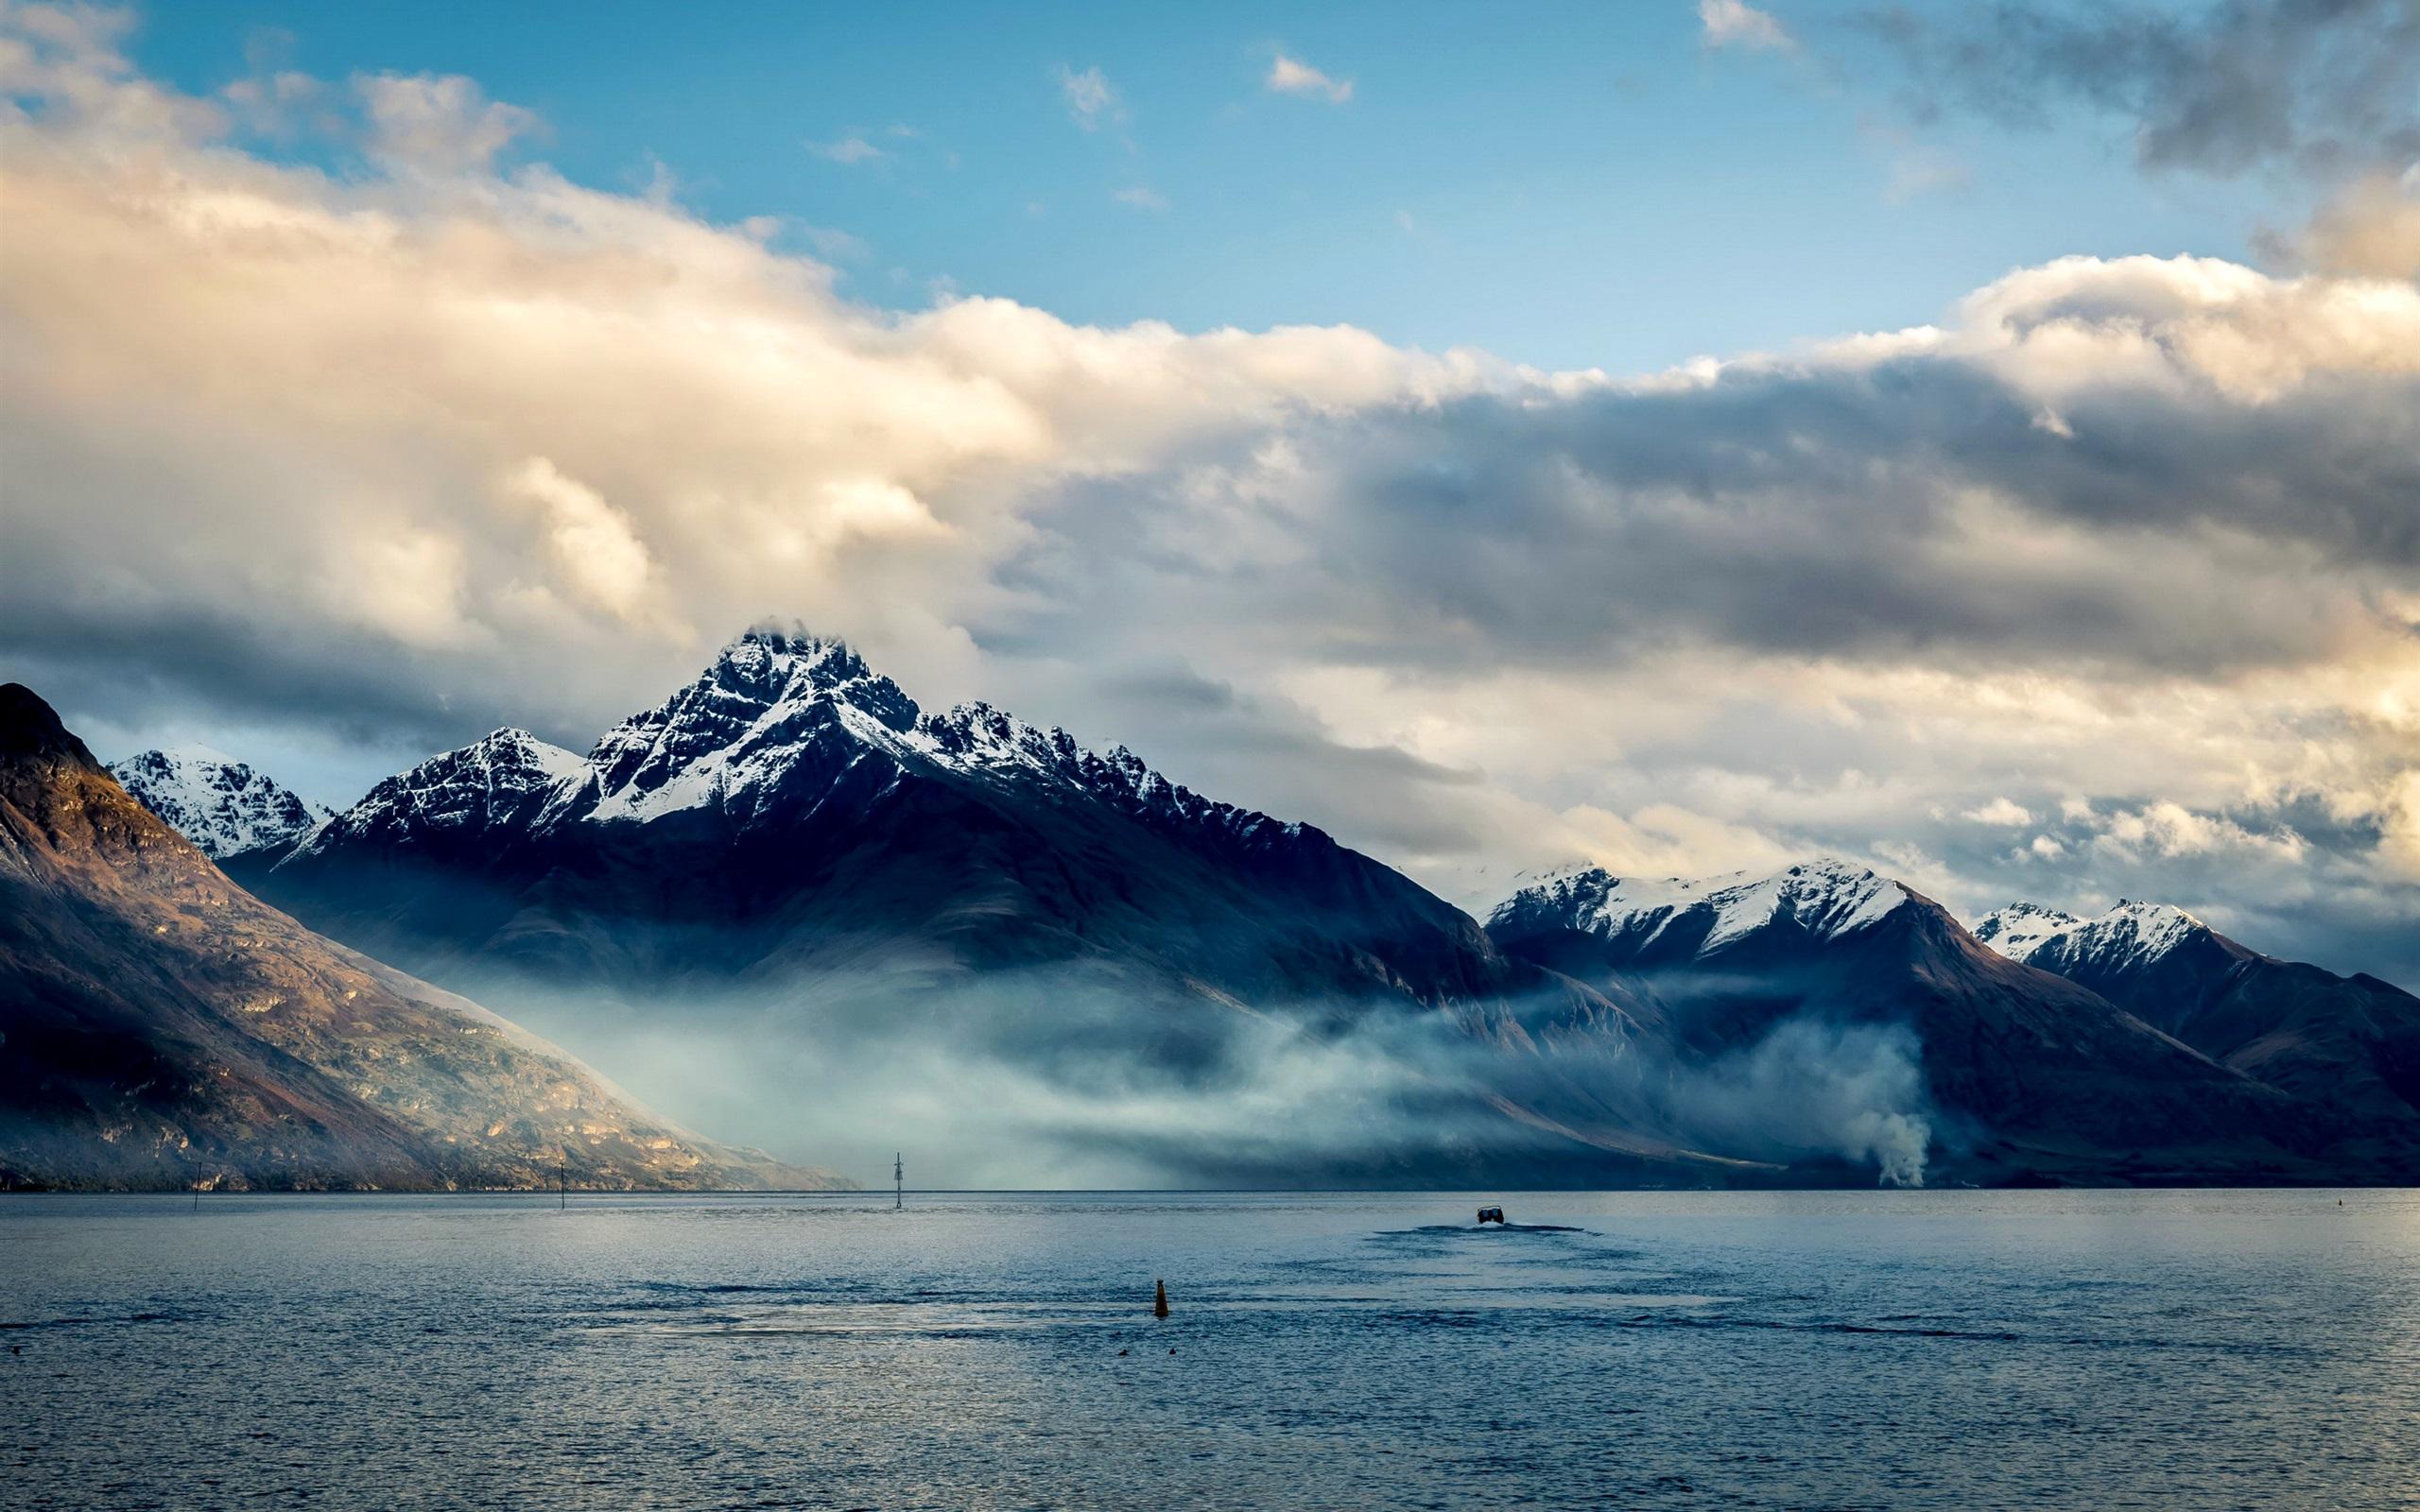 привыкли ней море и горы картинки с высоким разрешением словами, при